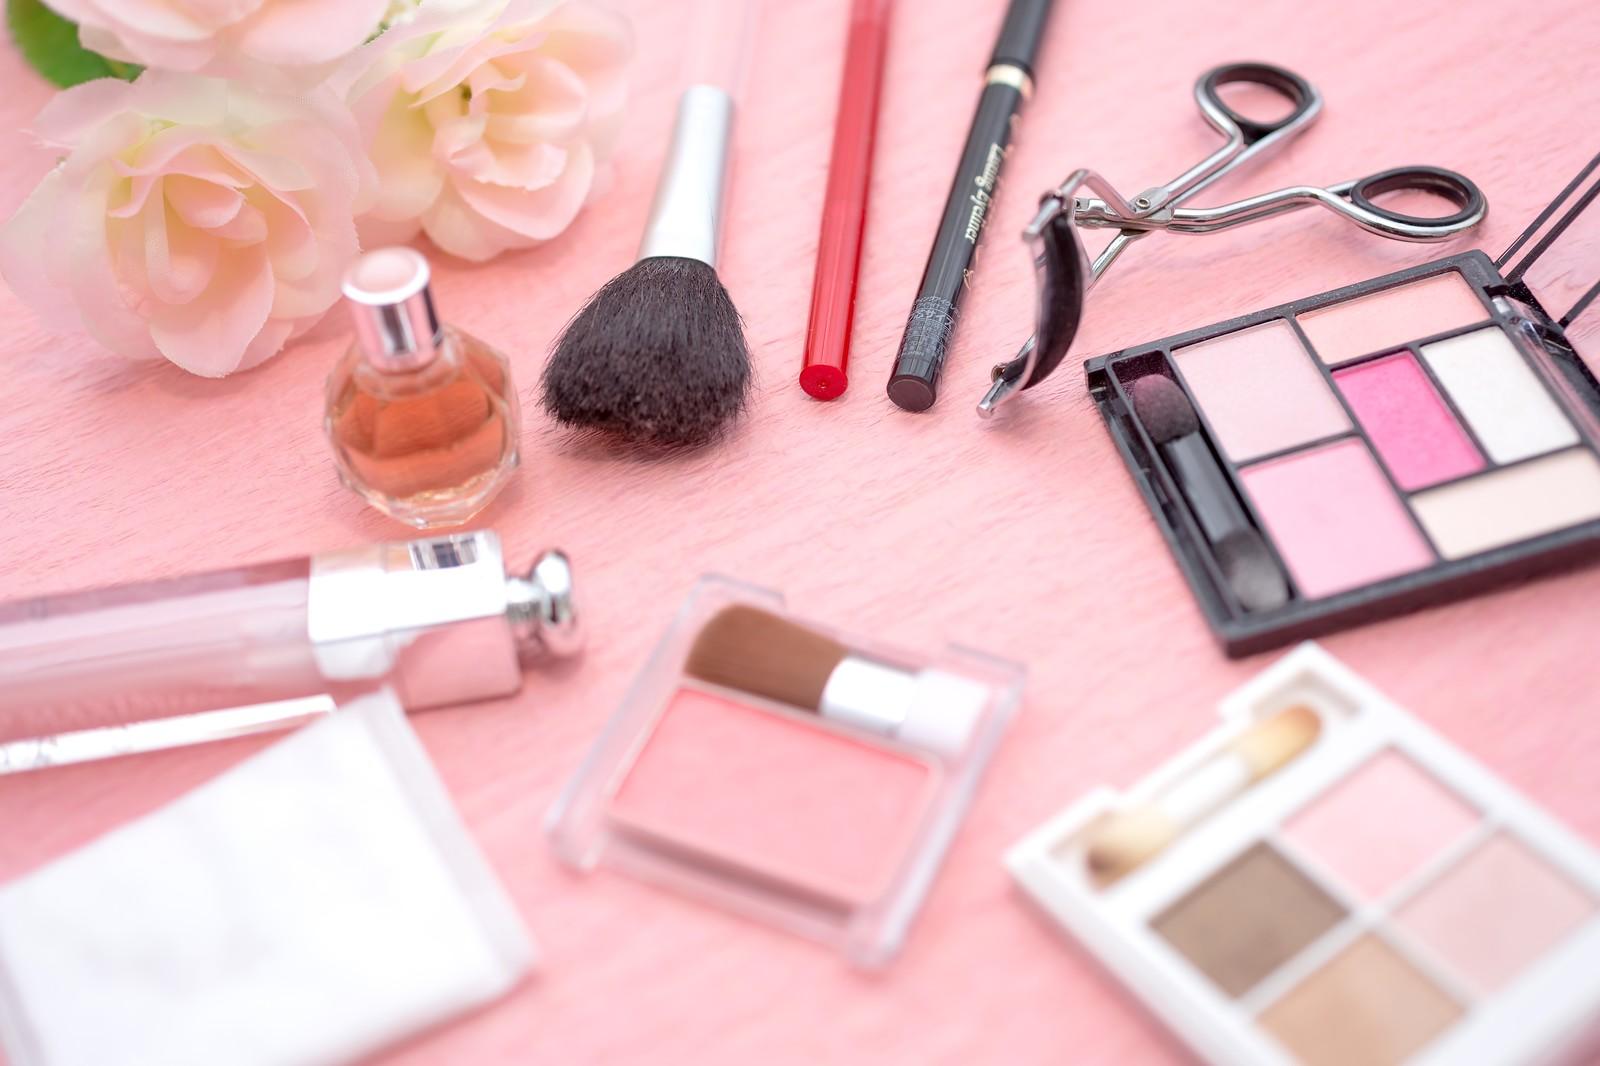 女性は化粧を必ずしないといけない?したくないときは?男性視点から解説